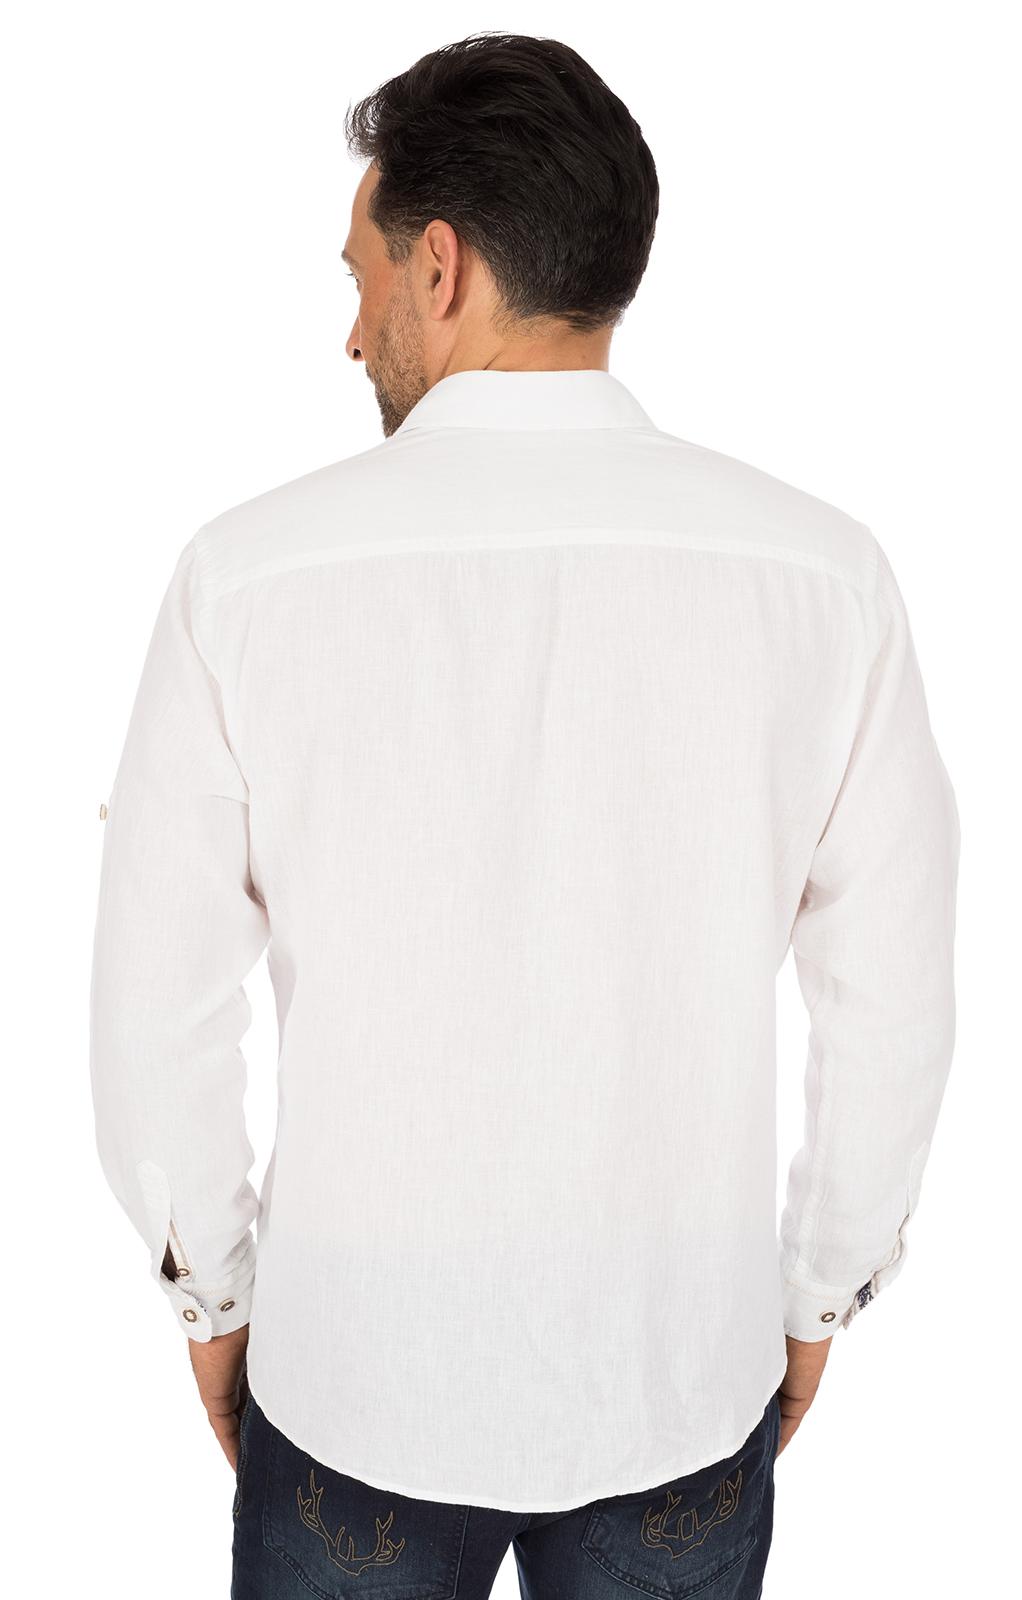 weitere Bilder von Trachtenhemd JANNIS Baumwolle weiss blau